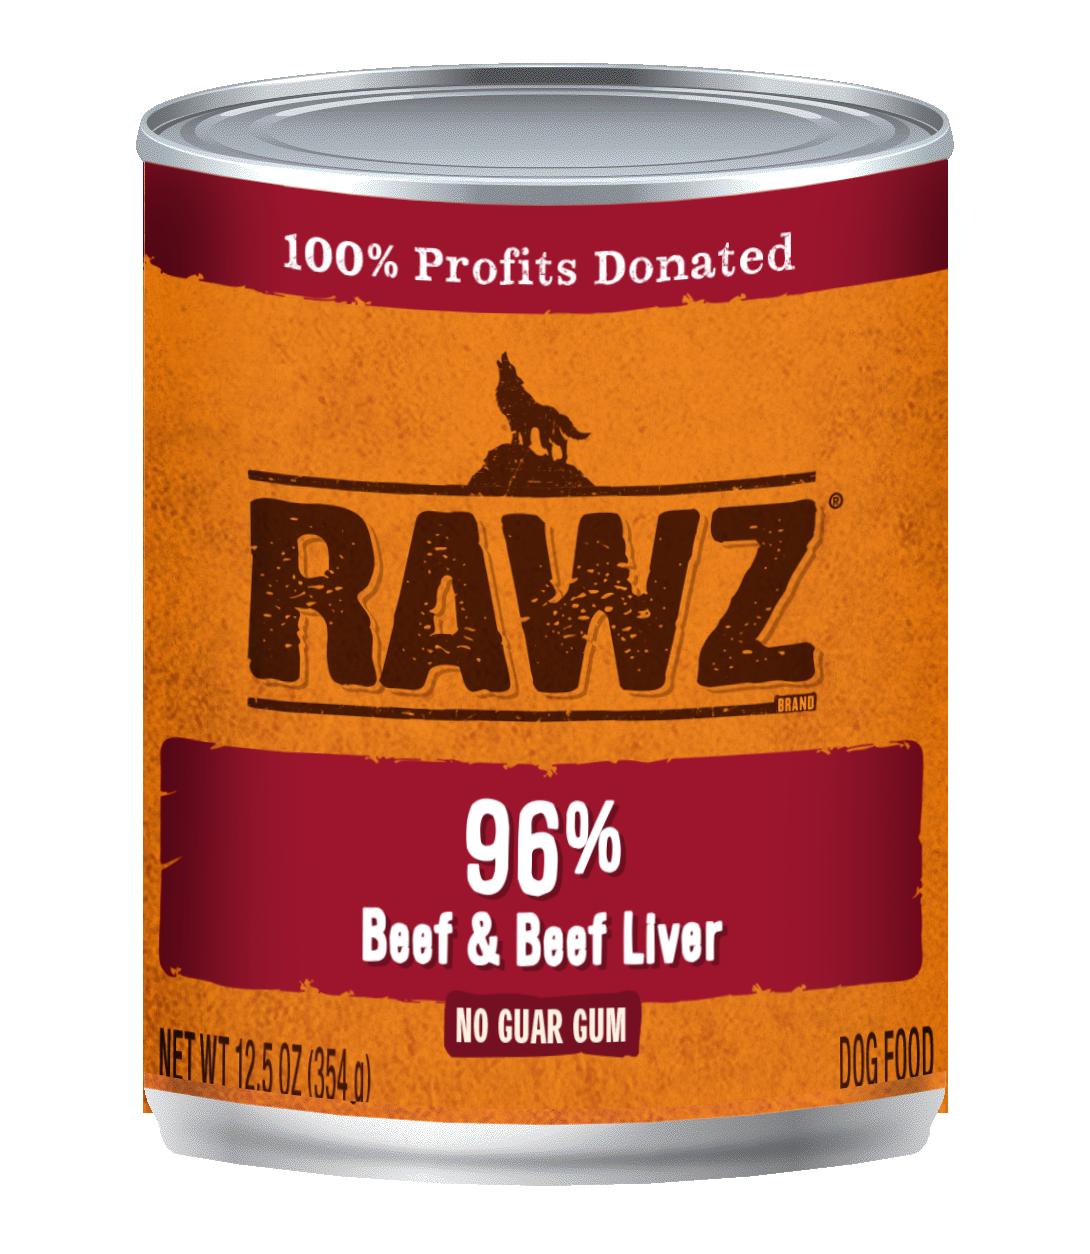 RAWZ Dog 96% Beef & Beef Liver, 12.5-oz